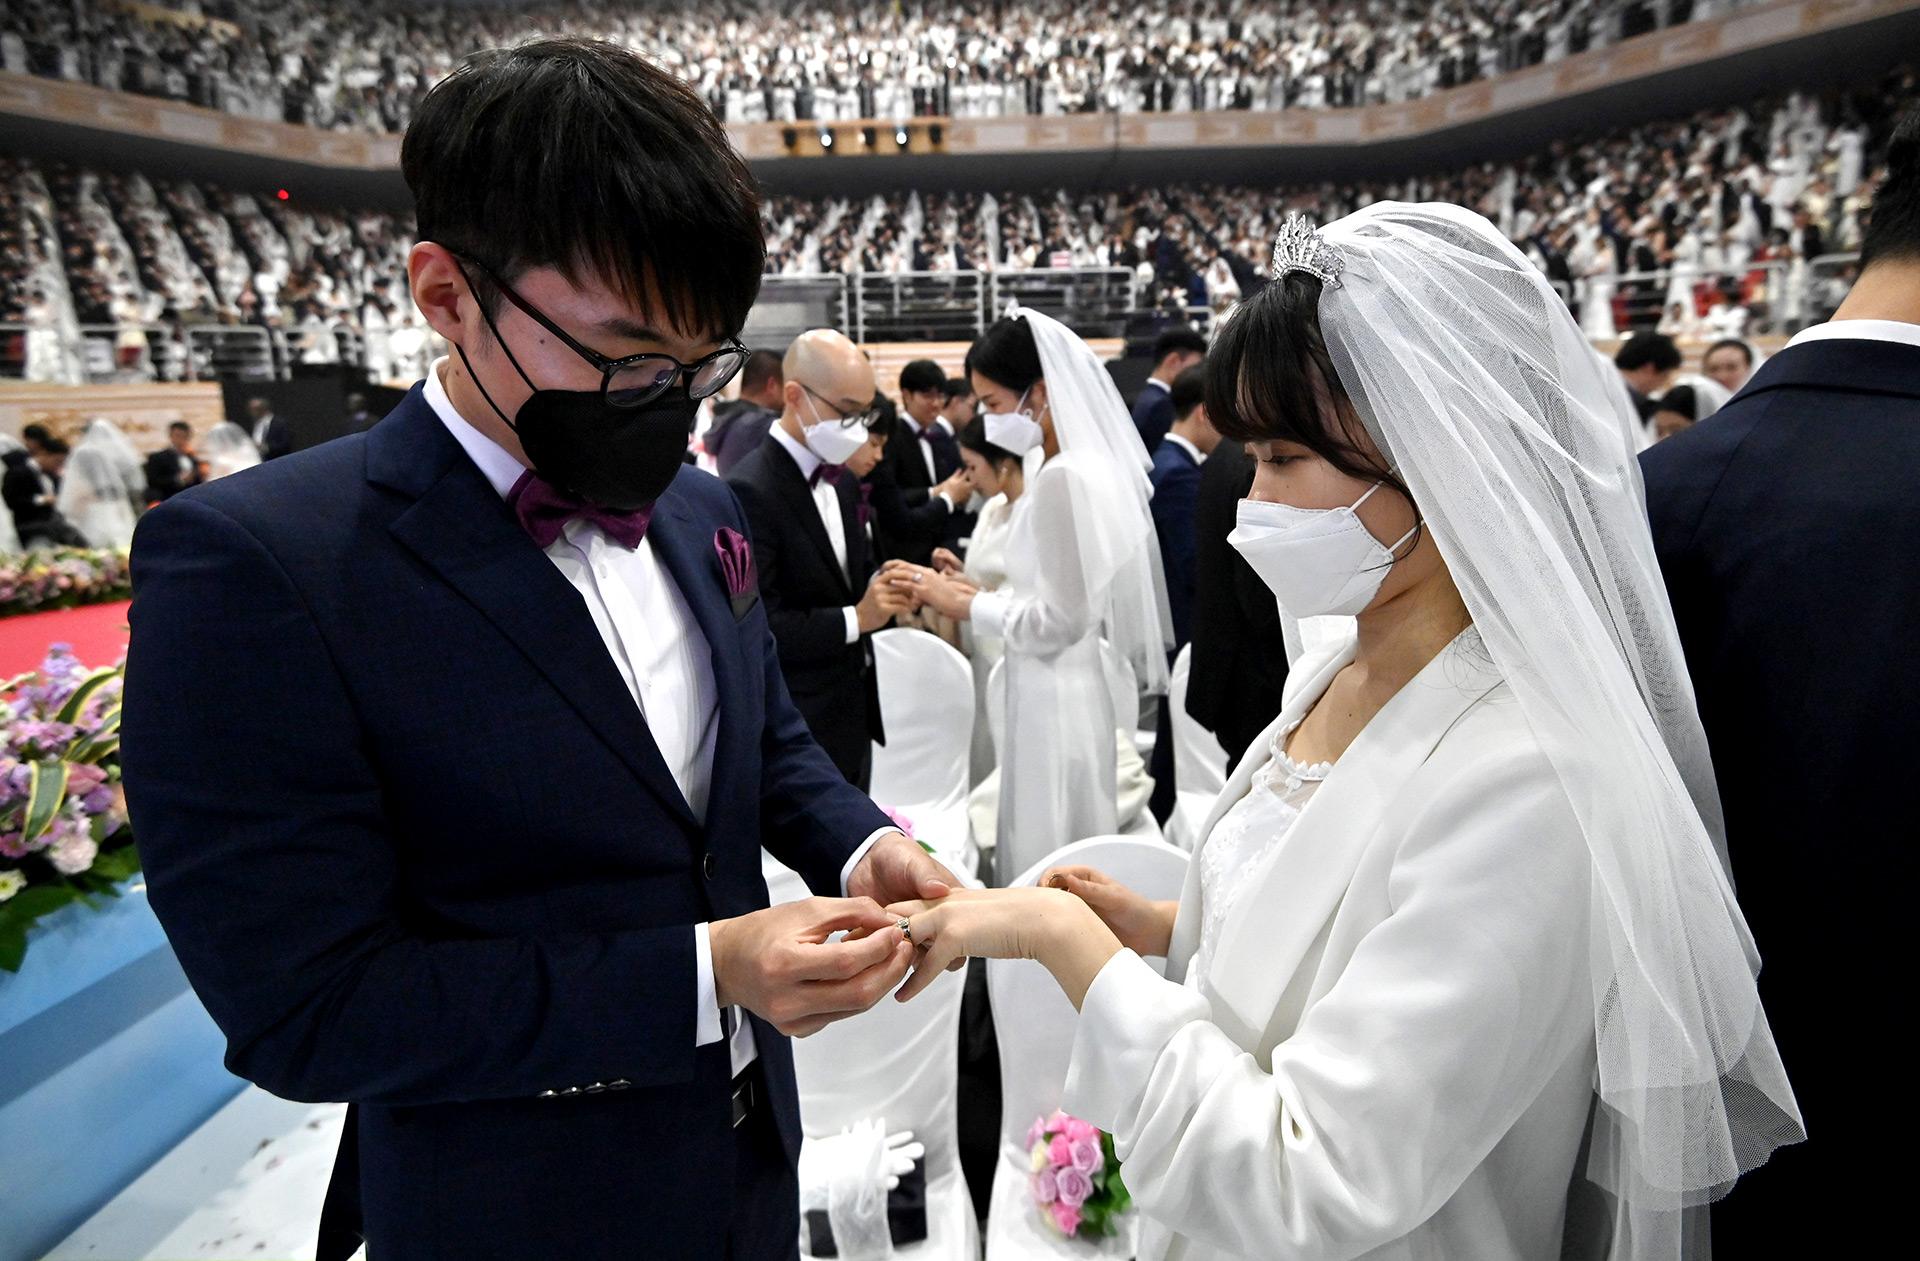 Las parejas con máscaras protectoras asisten a una ceremonia de boda masiva organizada por la Iglesia de Unificación en el Centro Mundial de la Paz de Cheongshim en Gapyeong el 7 de febrero de 2020 (Jung Yeon-je / AFP)